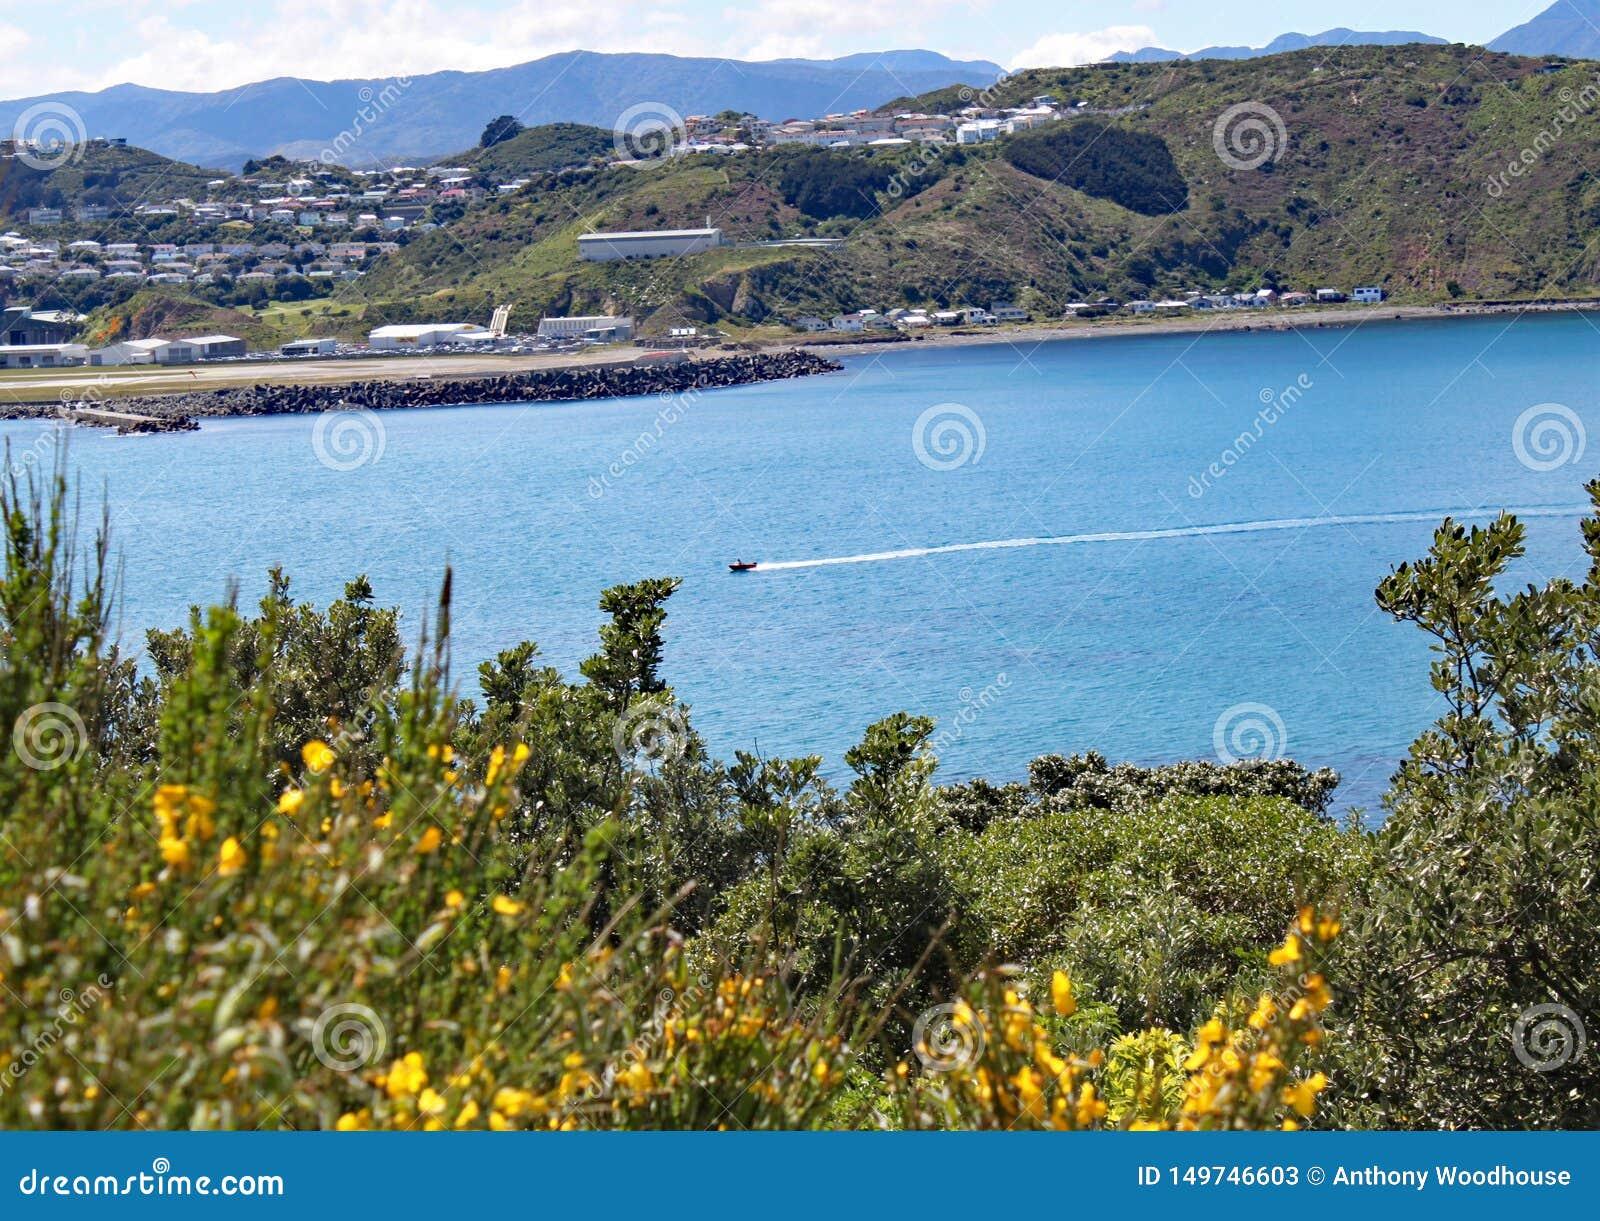 横跨Lyall海湾的汽船速度在惠灵顿,新西兰 机场是可看见的在背景中